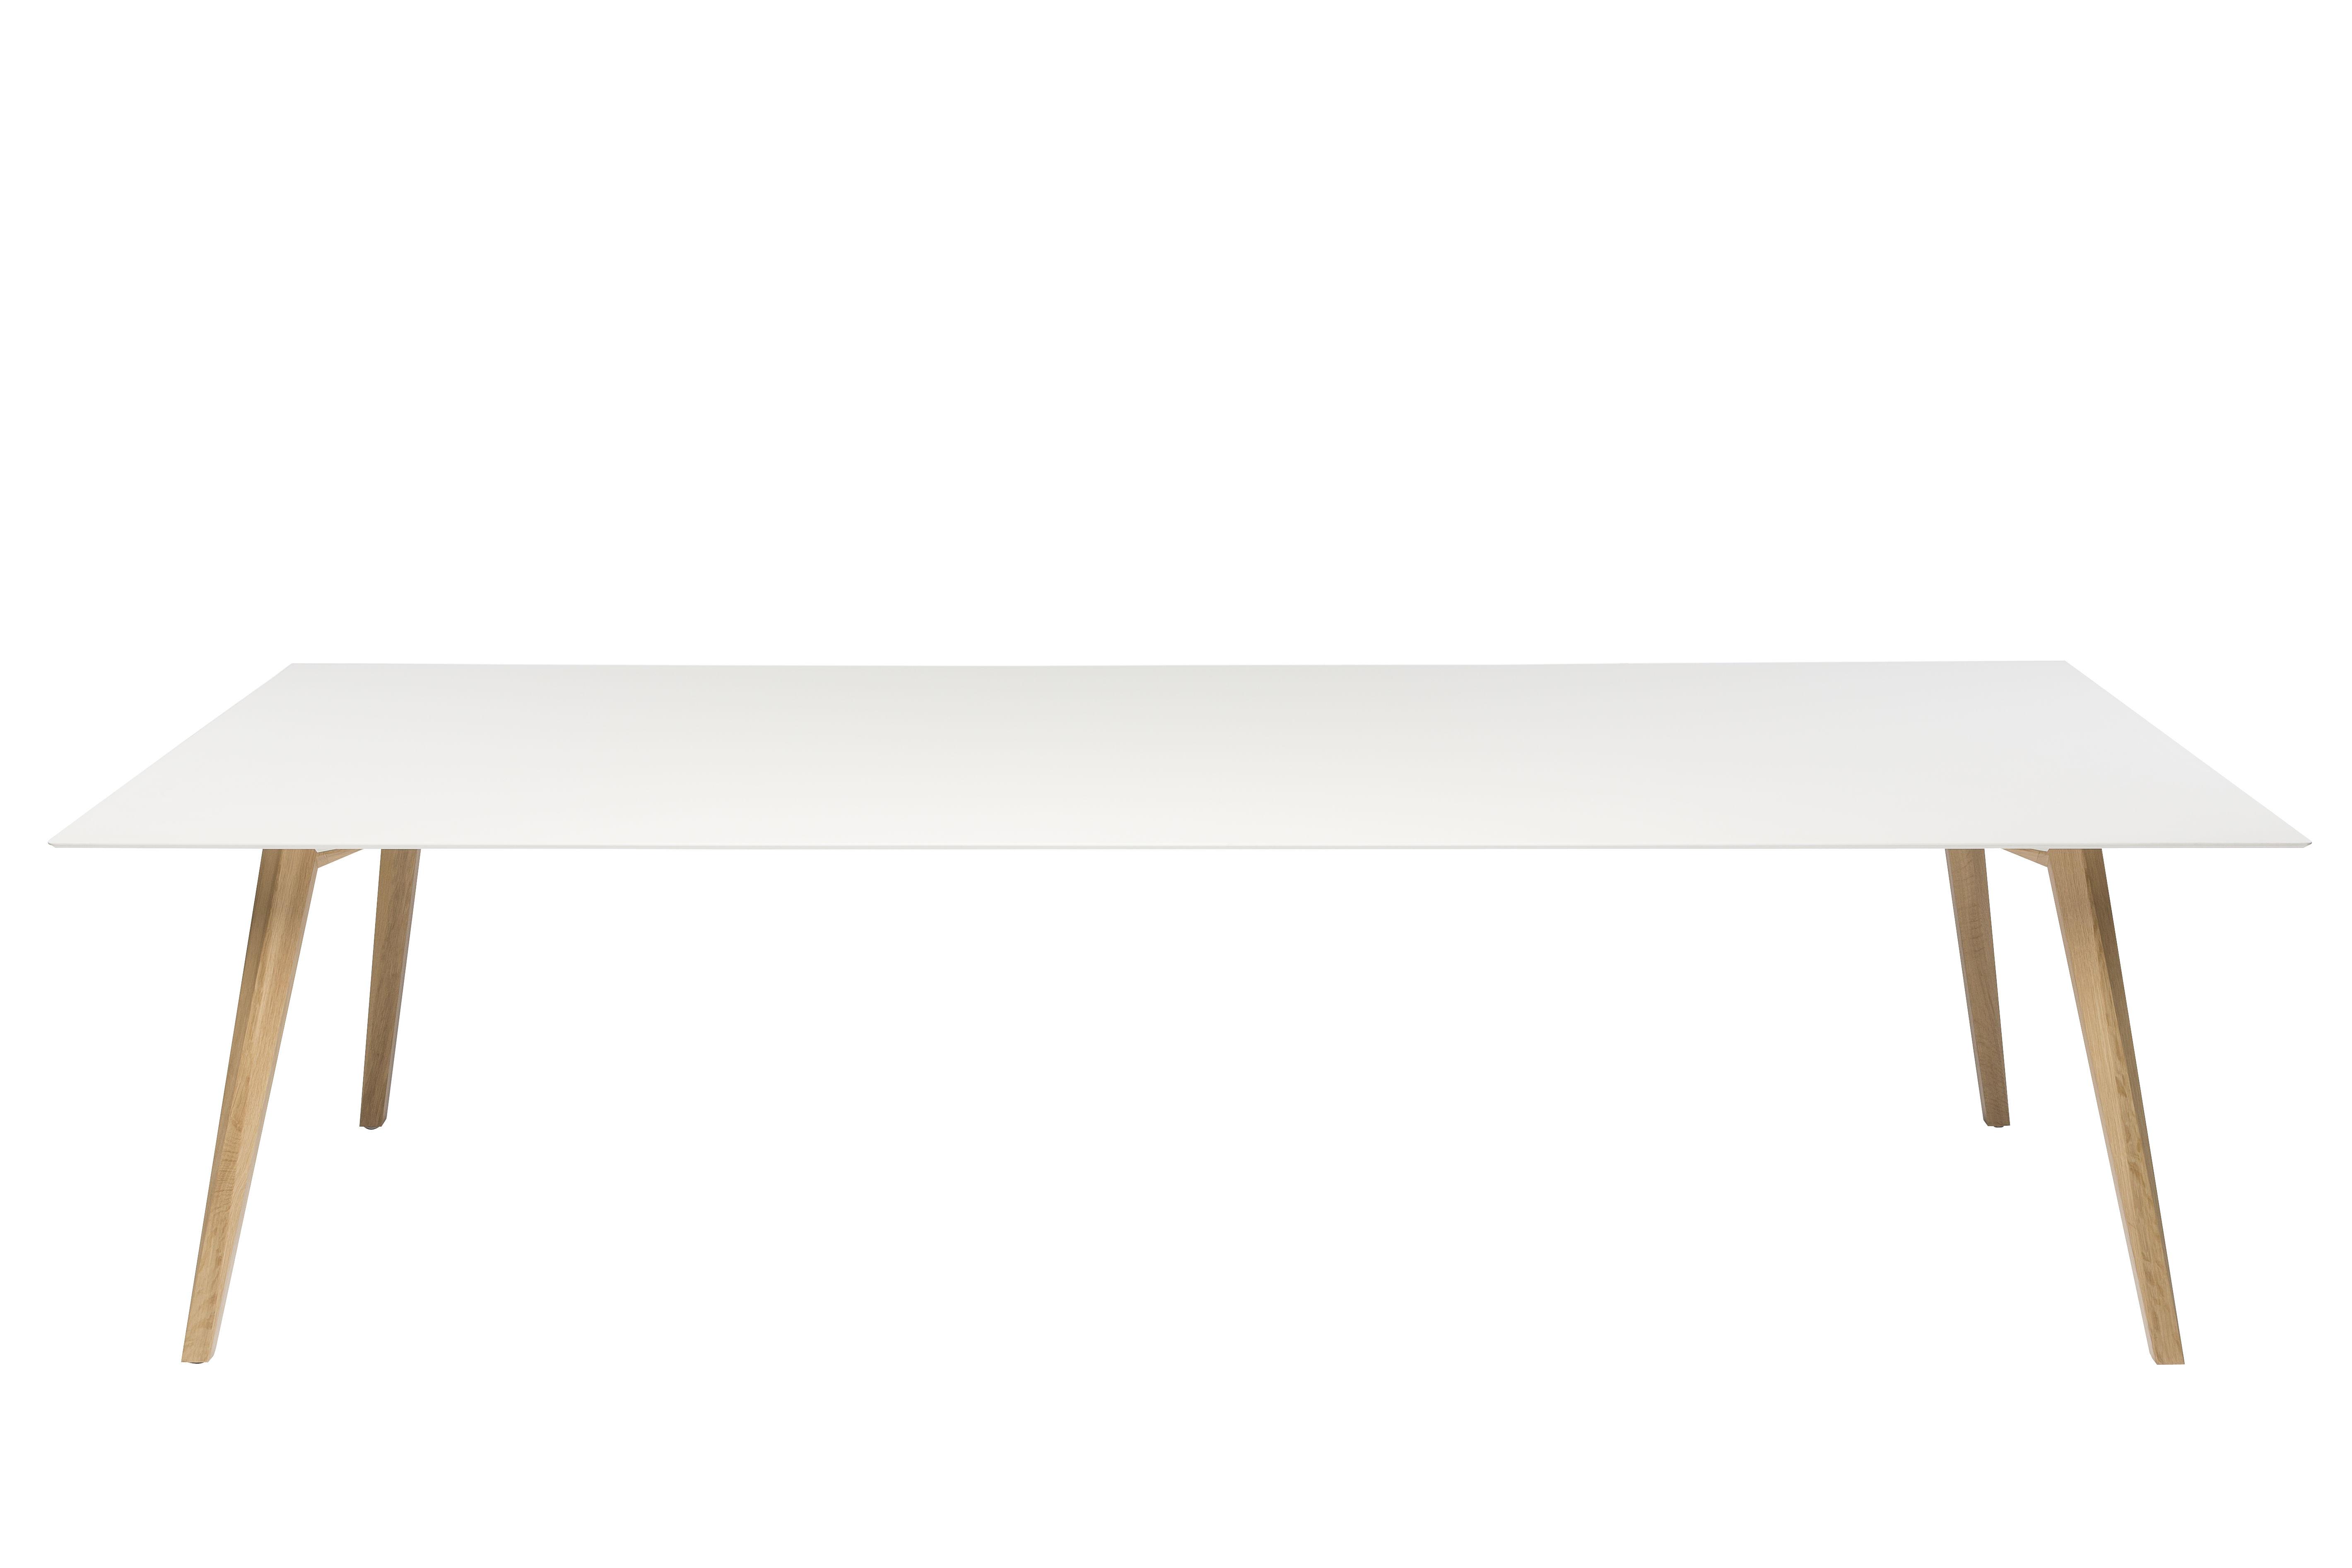 Mobilier - Bureaux - Table rectangulaire Bevel / Bureau - 200 x 100 cm - Pieds bois - ICF - Blanc / Pieds bois - Aluminium, Chêne, HPL